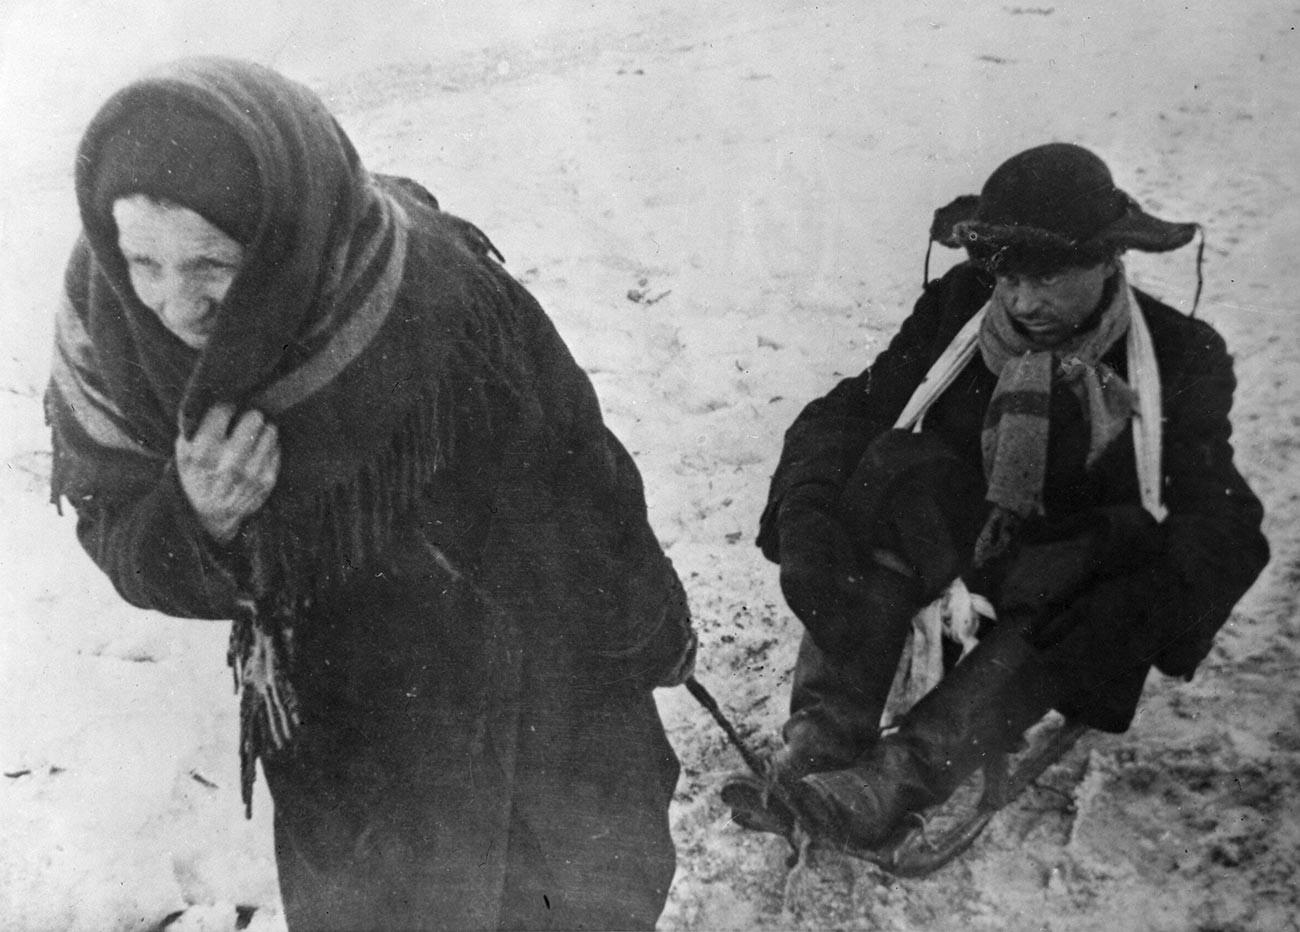 Mulher puxa de trenó marido em estado de inanição, durante o Cerco a Leningrado